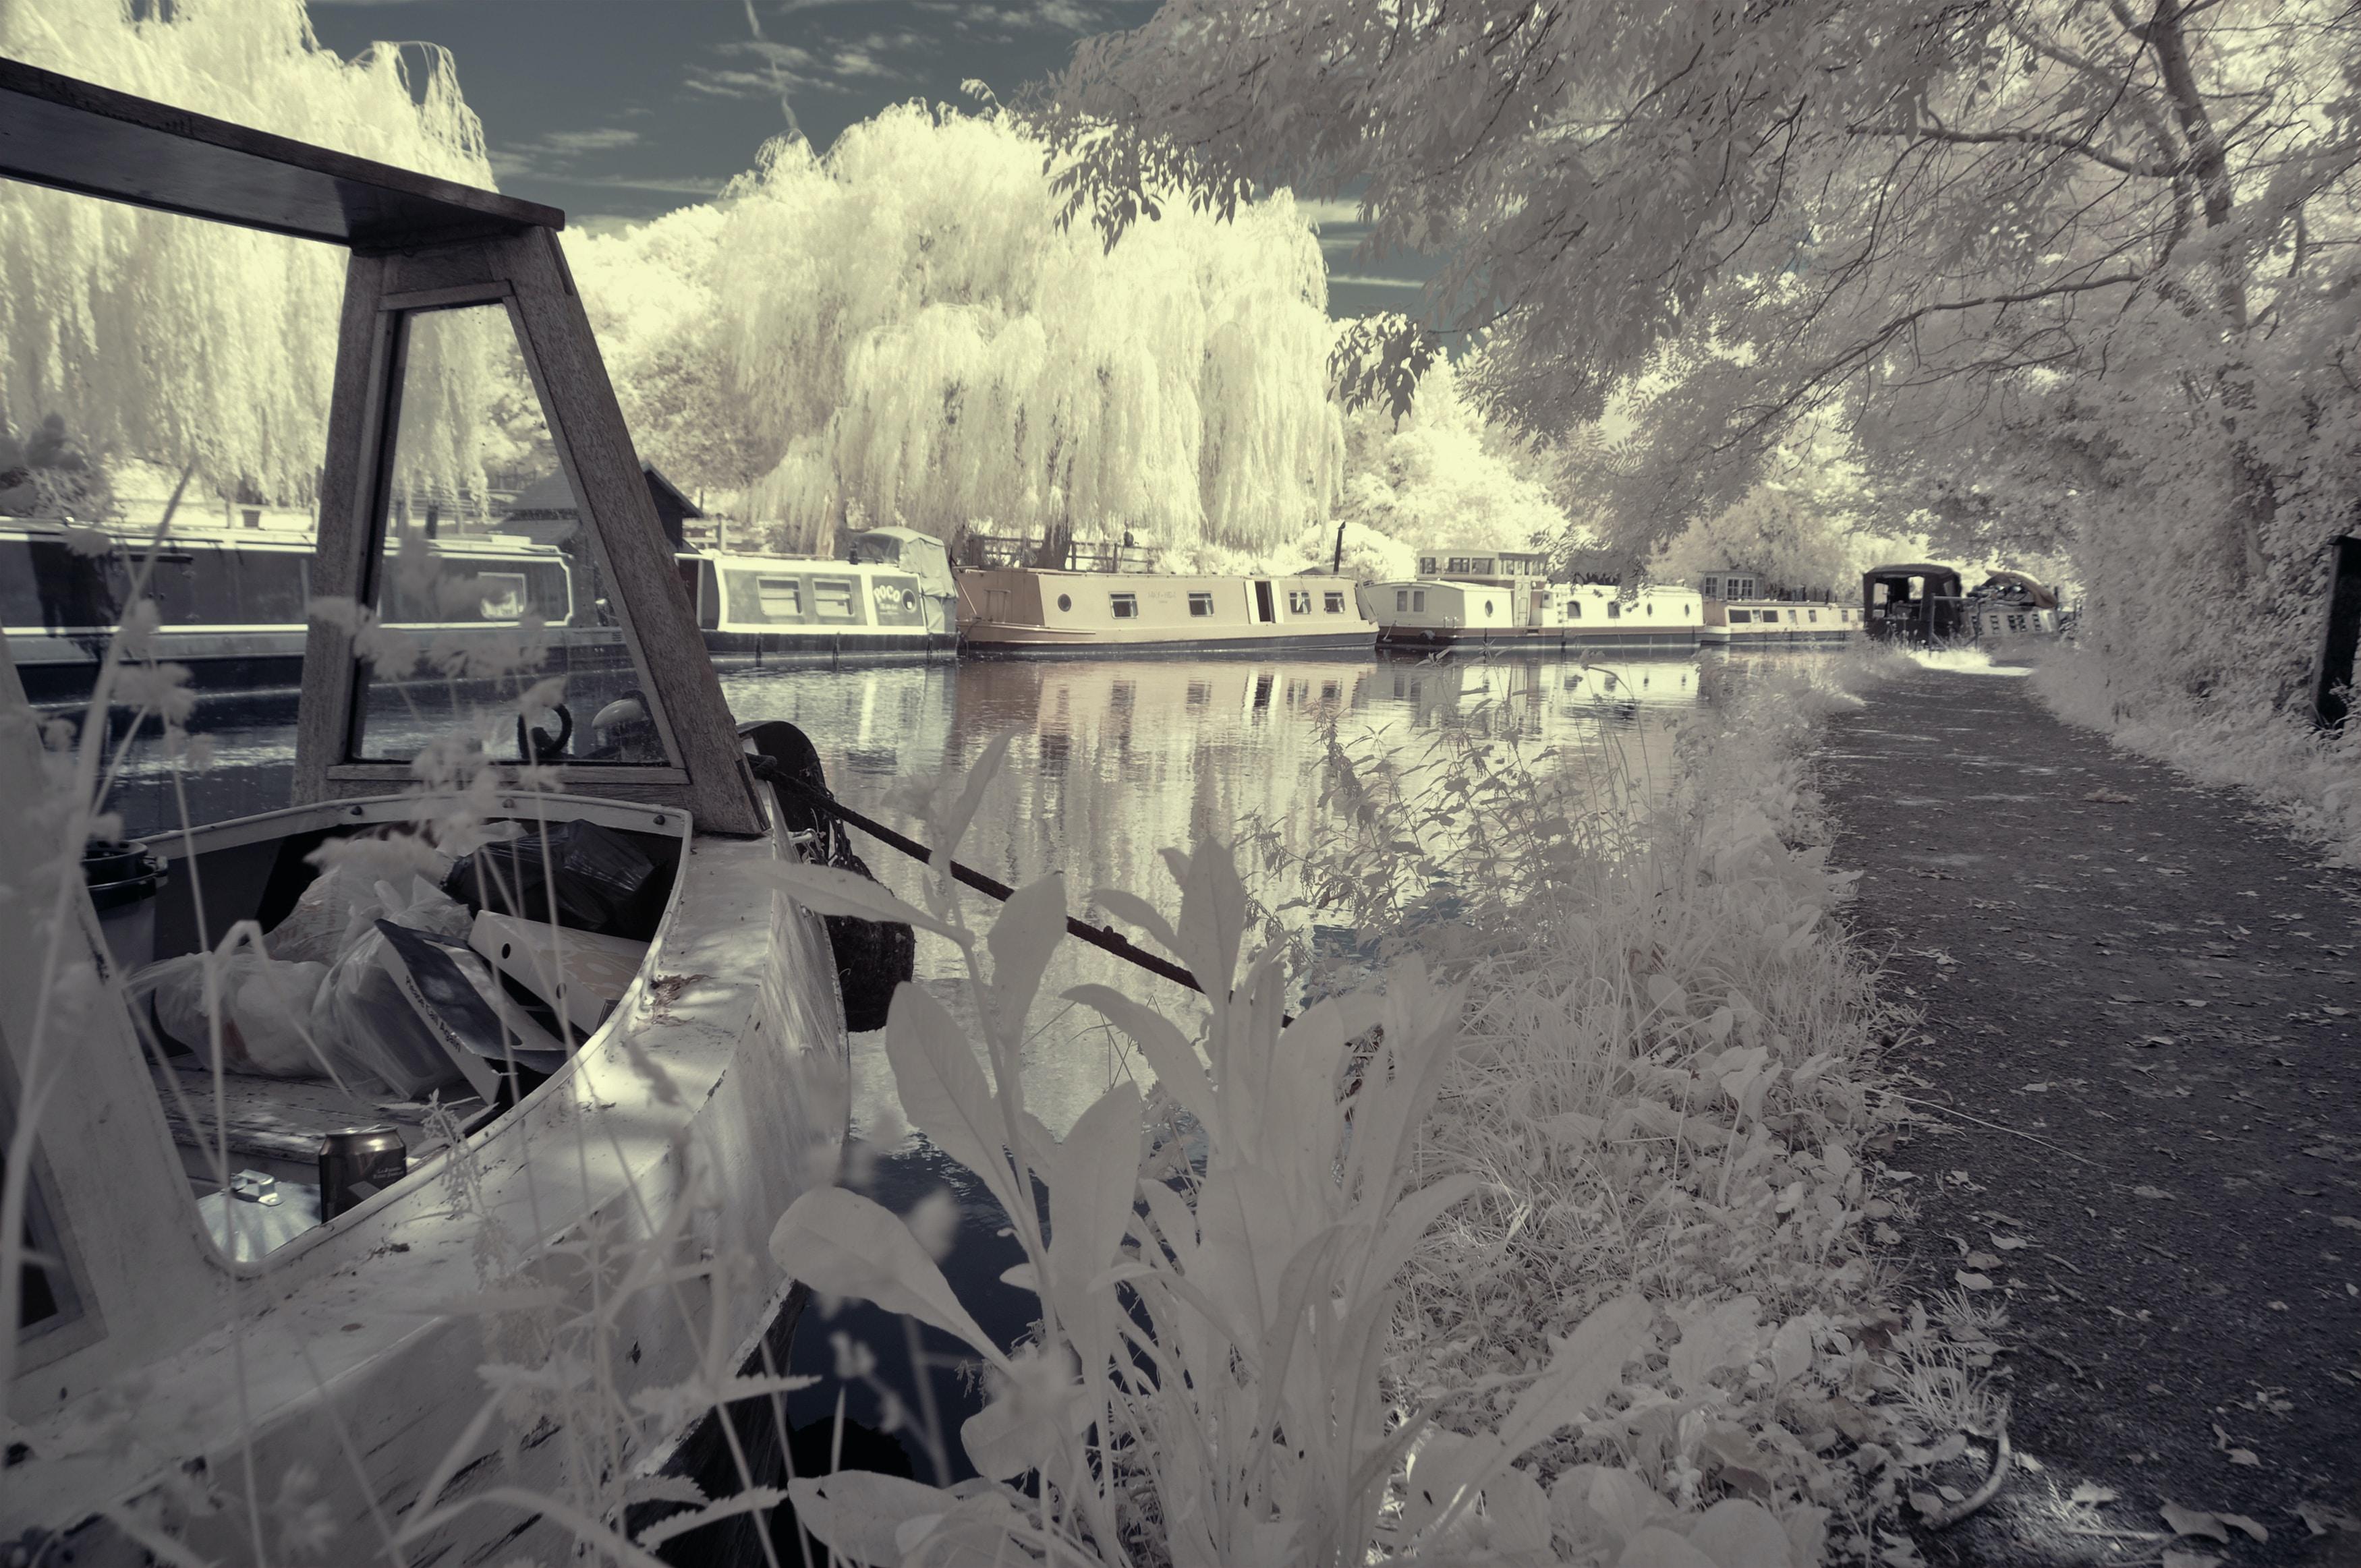 Free Unsplash photo from dorota dylka